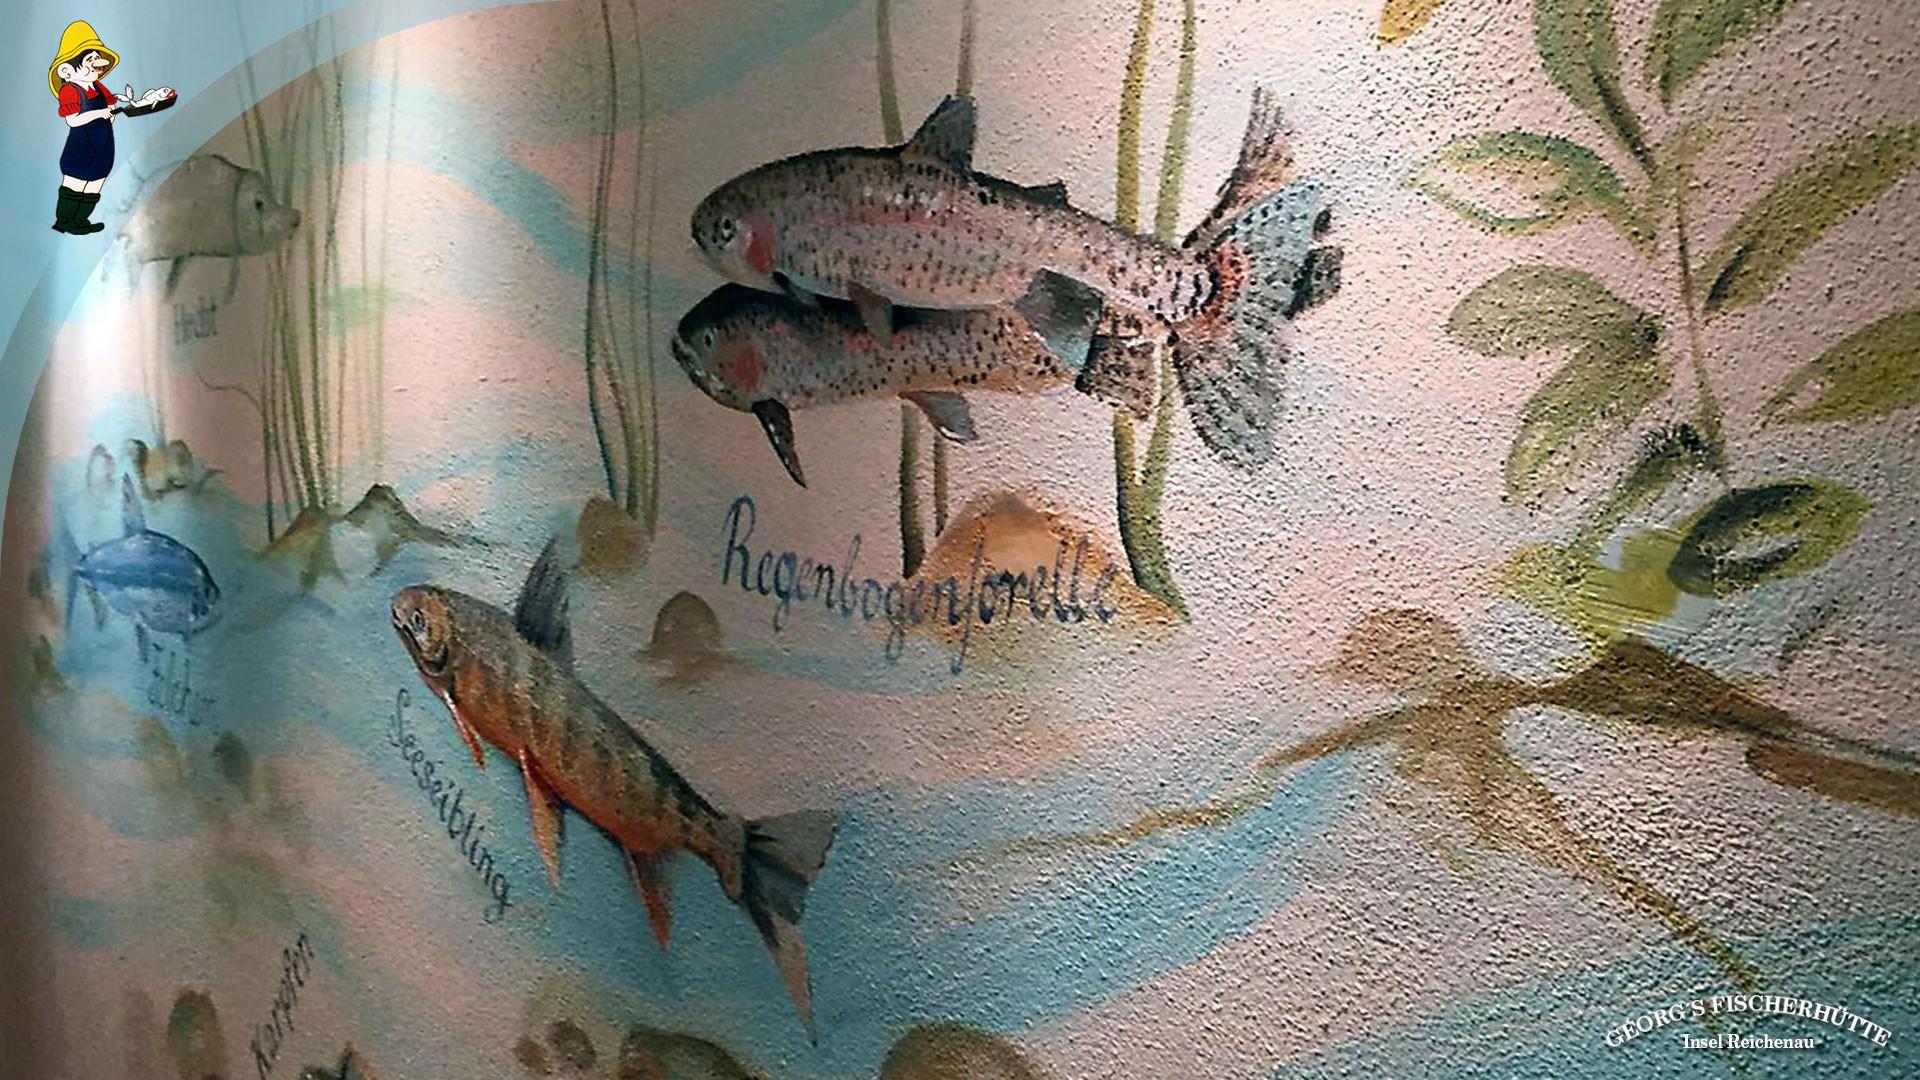 Fisch-Restaurant Georg's Fischerhütte: Bodensee-Fische - Wandmalerei